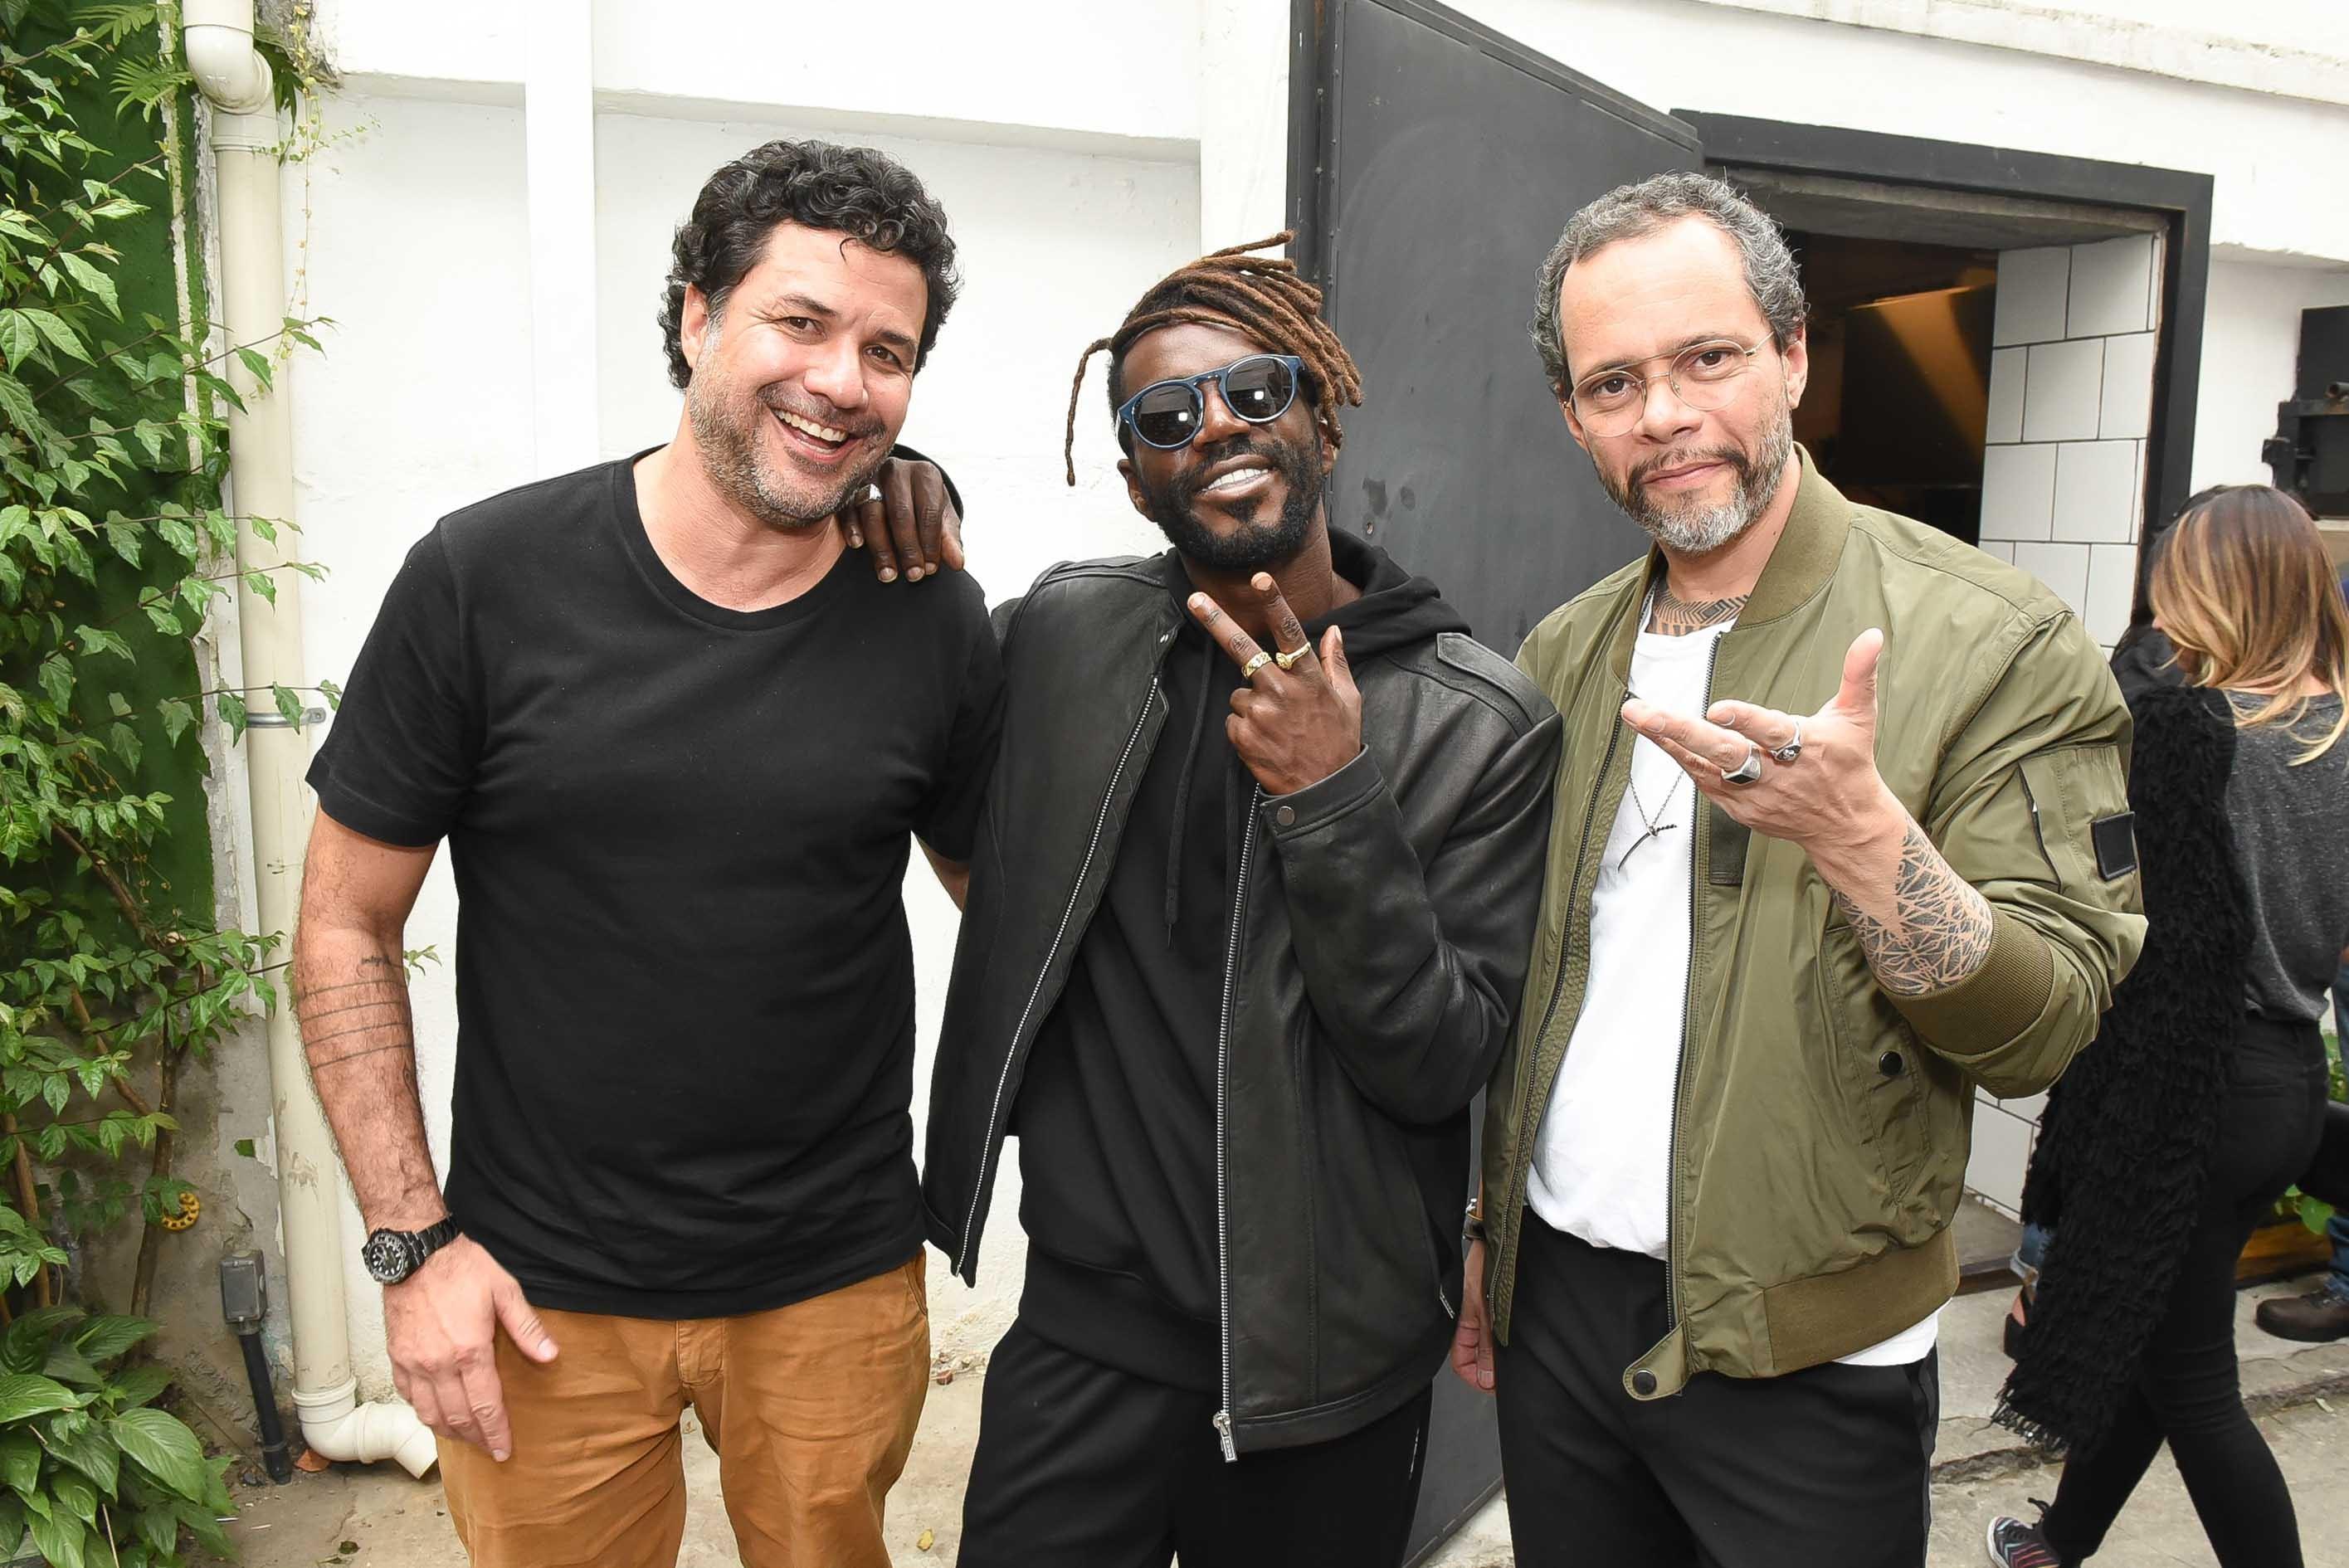 Alexandre Pernet, Jonathan Azevedo e o direto de redação Ricardo Franca Cruz no churrasco da aniversário #GQ7anos (Foto: Cleiby Trevisan)